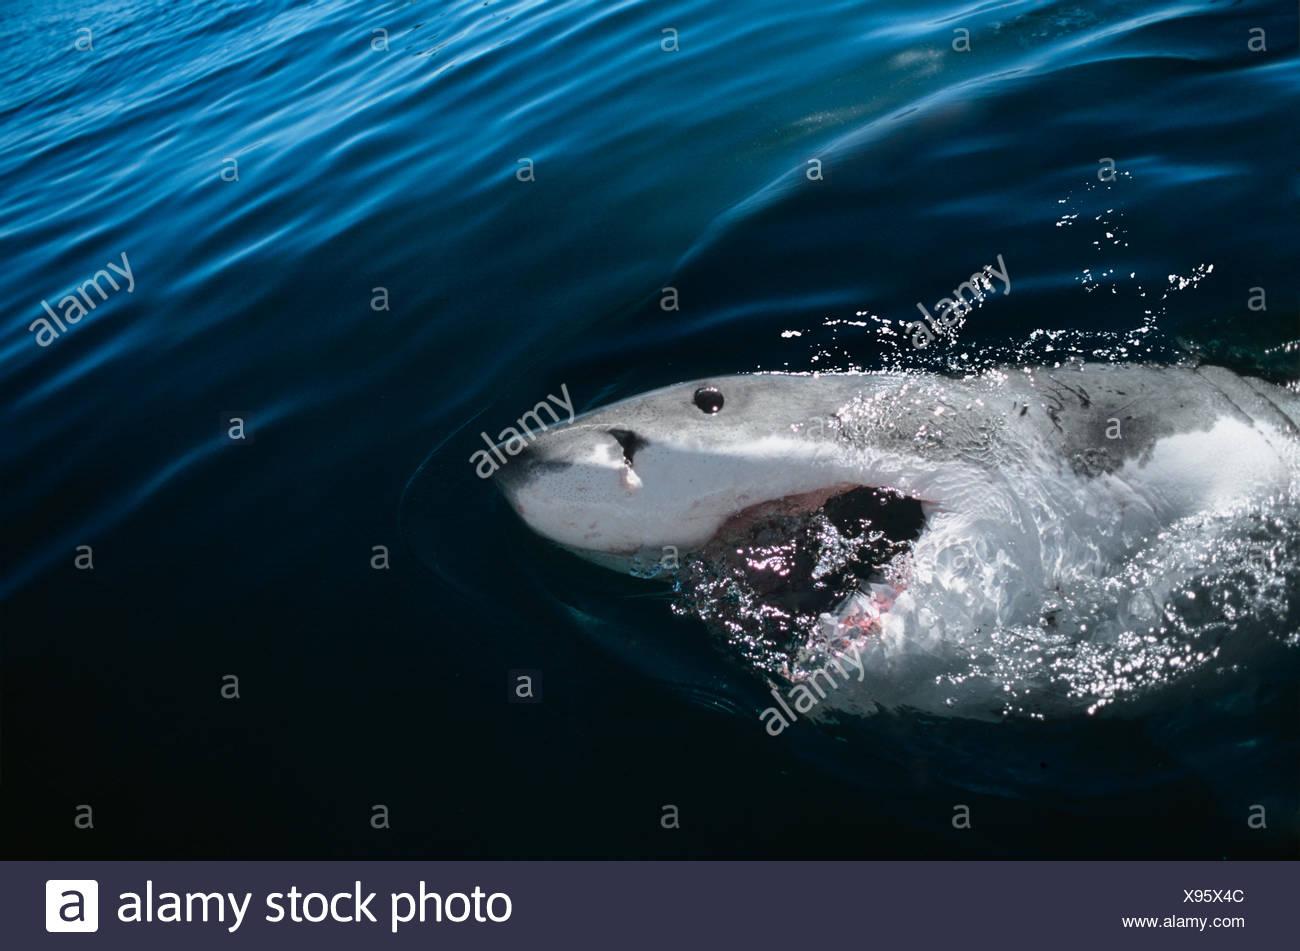 Gran tiburón blanco (Carcharodon carcharias) aflora con la boca abierta, Dyer Island, South África, Océano Atlántico. Imagen De Stock